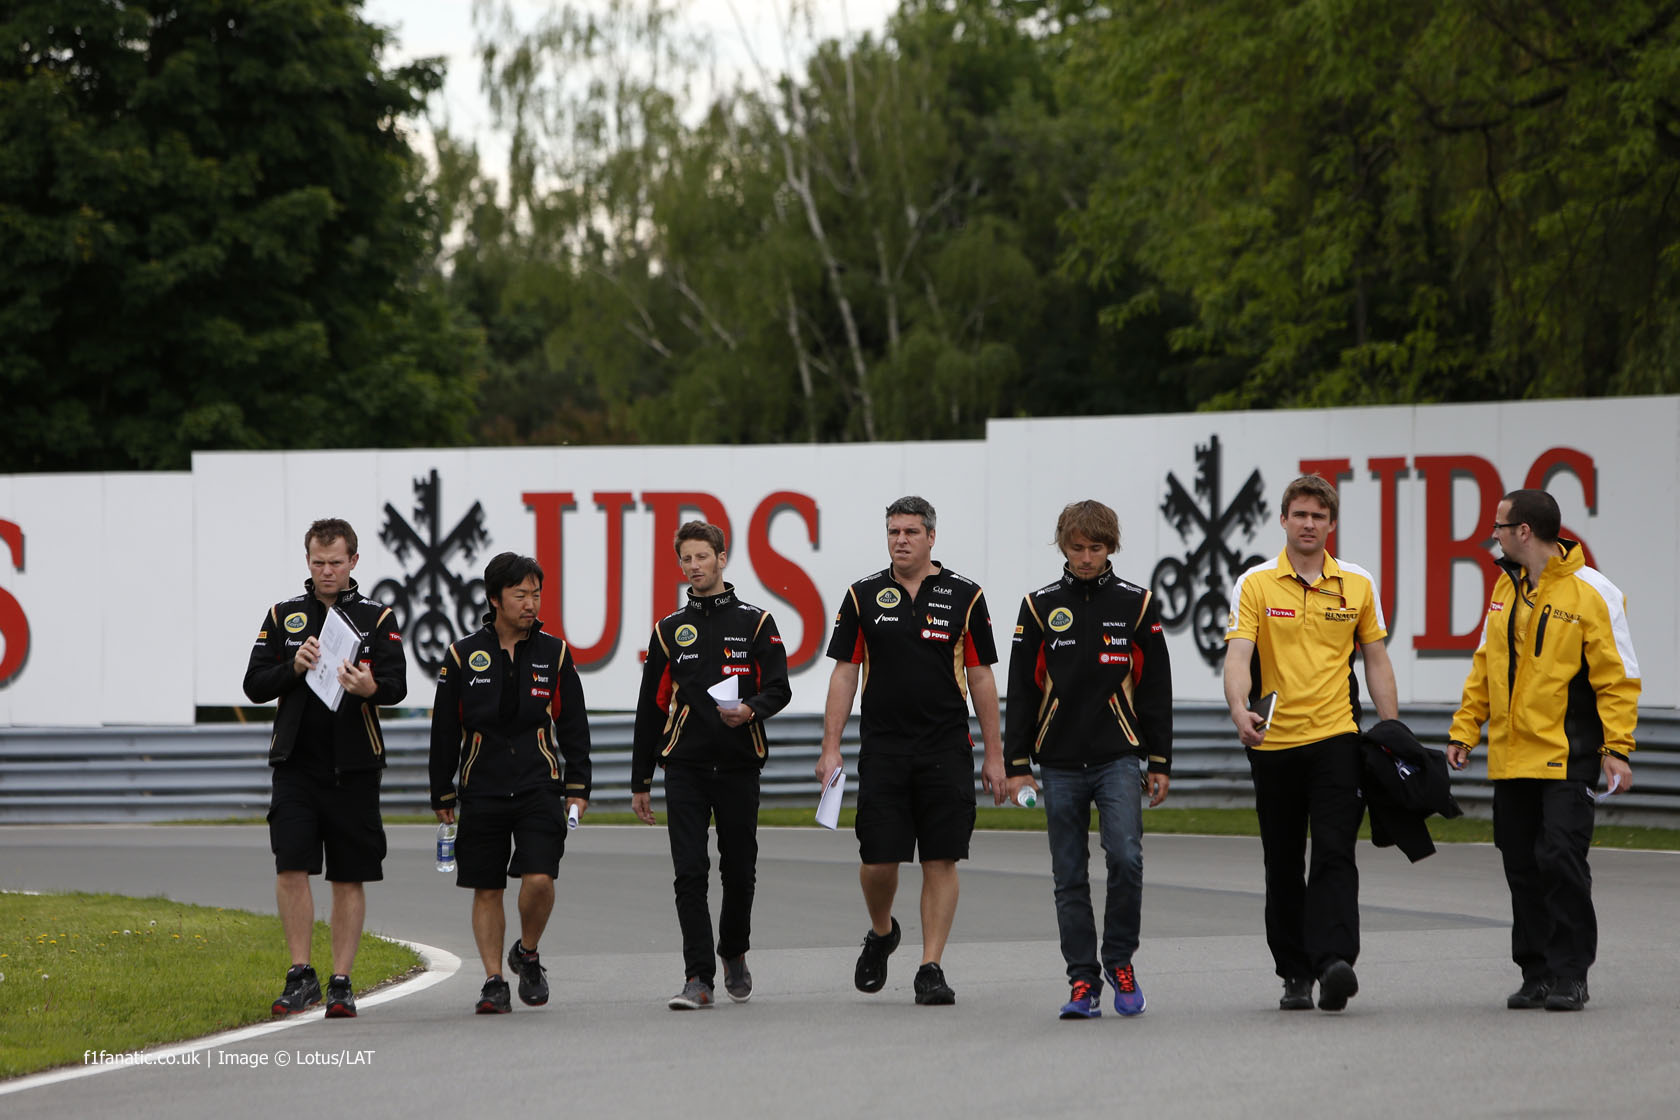 Romain Grosjean, Charles Pic, Lotus, Circuit Gilles Villeneuve, 2014